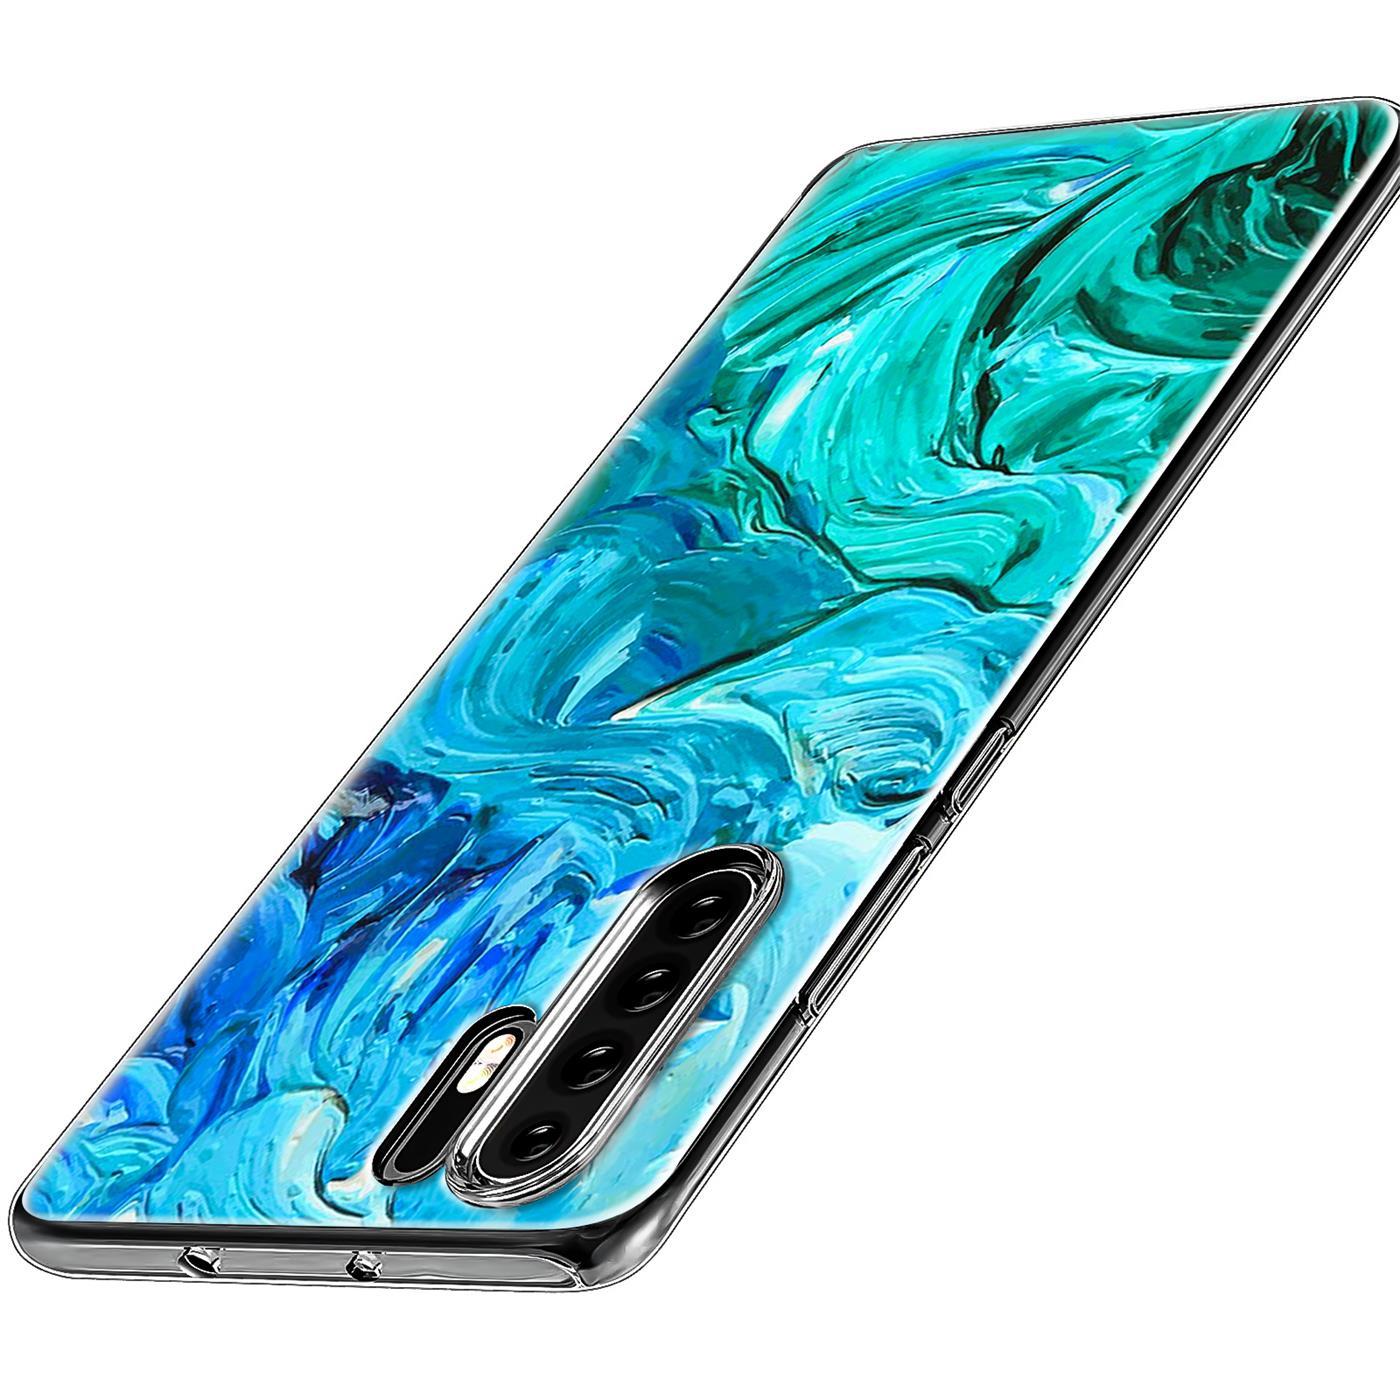 Huawei-P30-Lite-Motiv-Handy-Huelle-Silikon-Tasche-Schutzhuelle-Cover-Slim-TPU-Case Indexbild 13